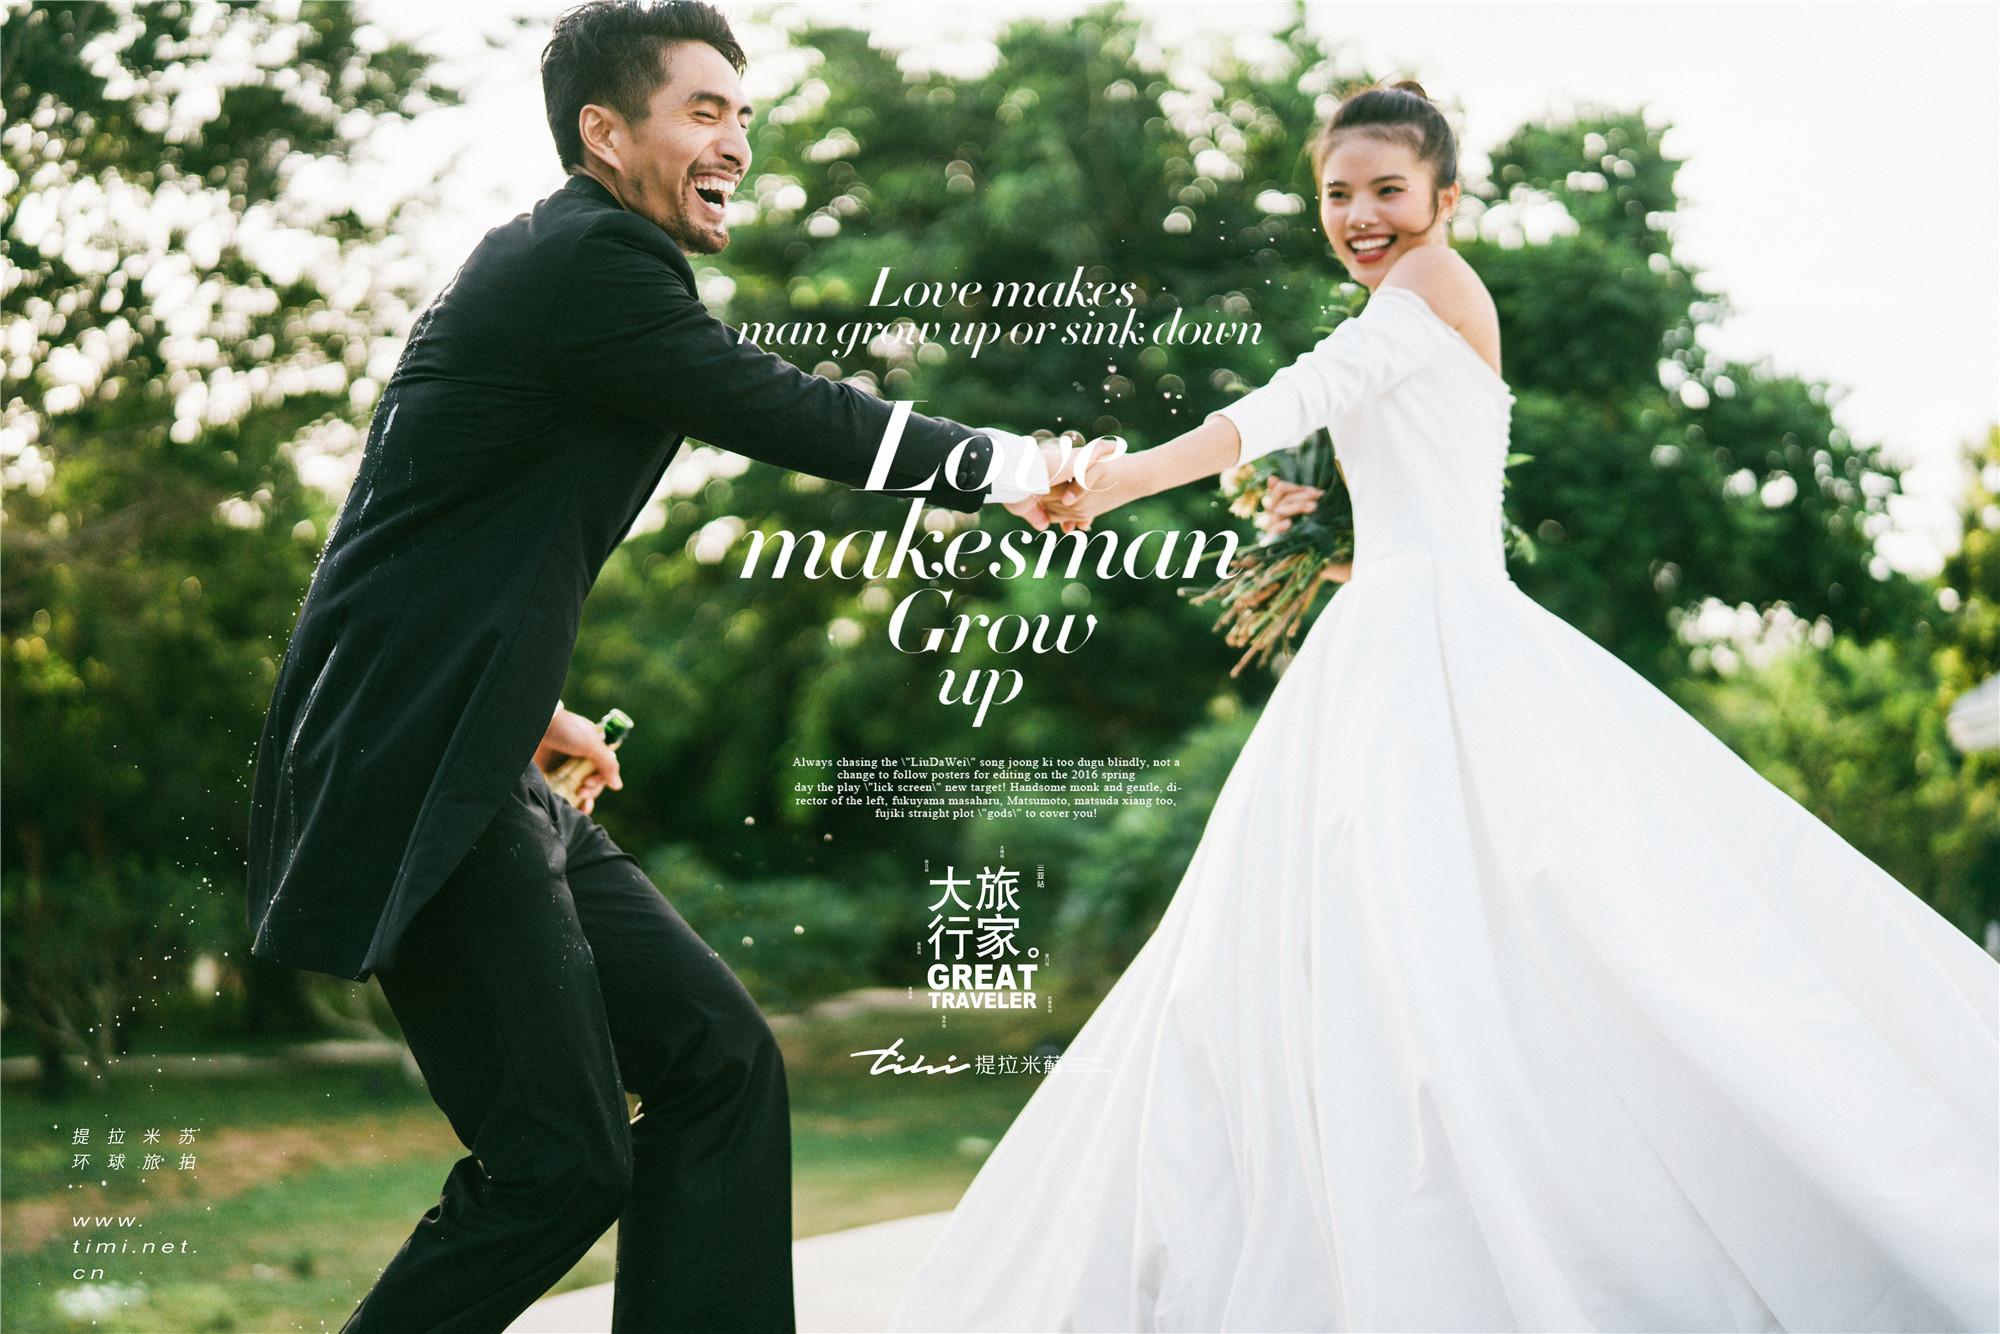 邯郸婚纱照新娘如何按身高挑选婚纱?